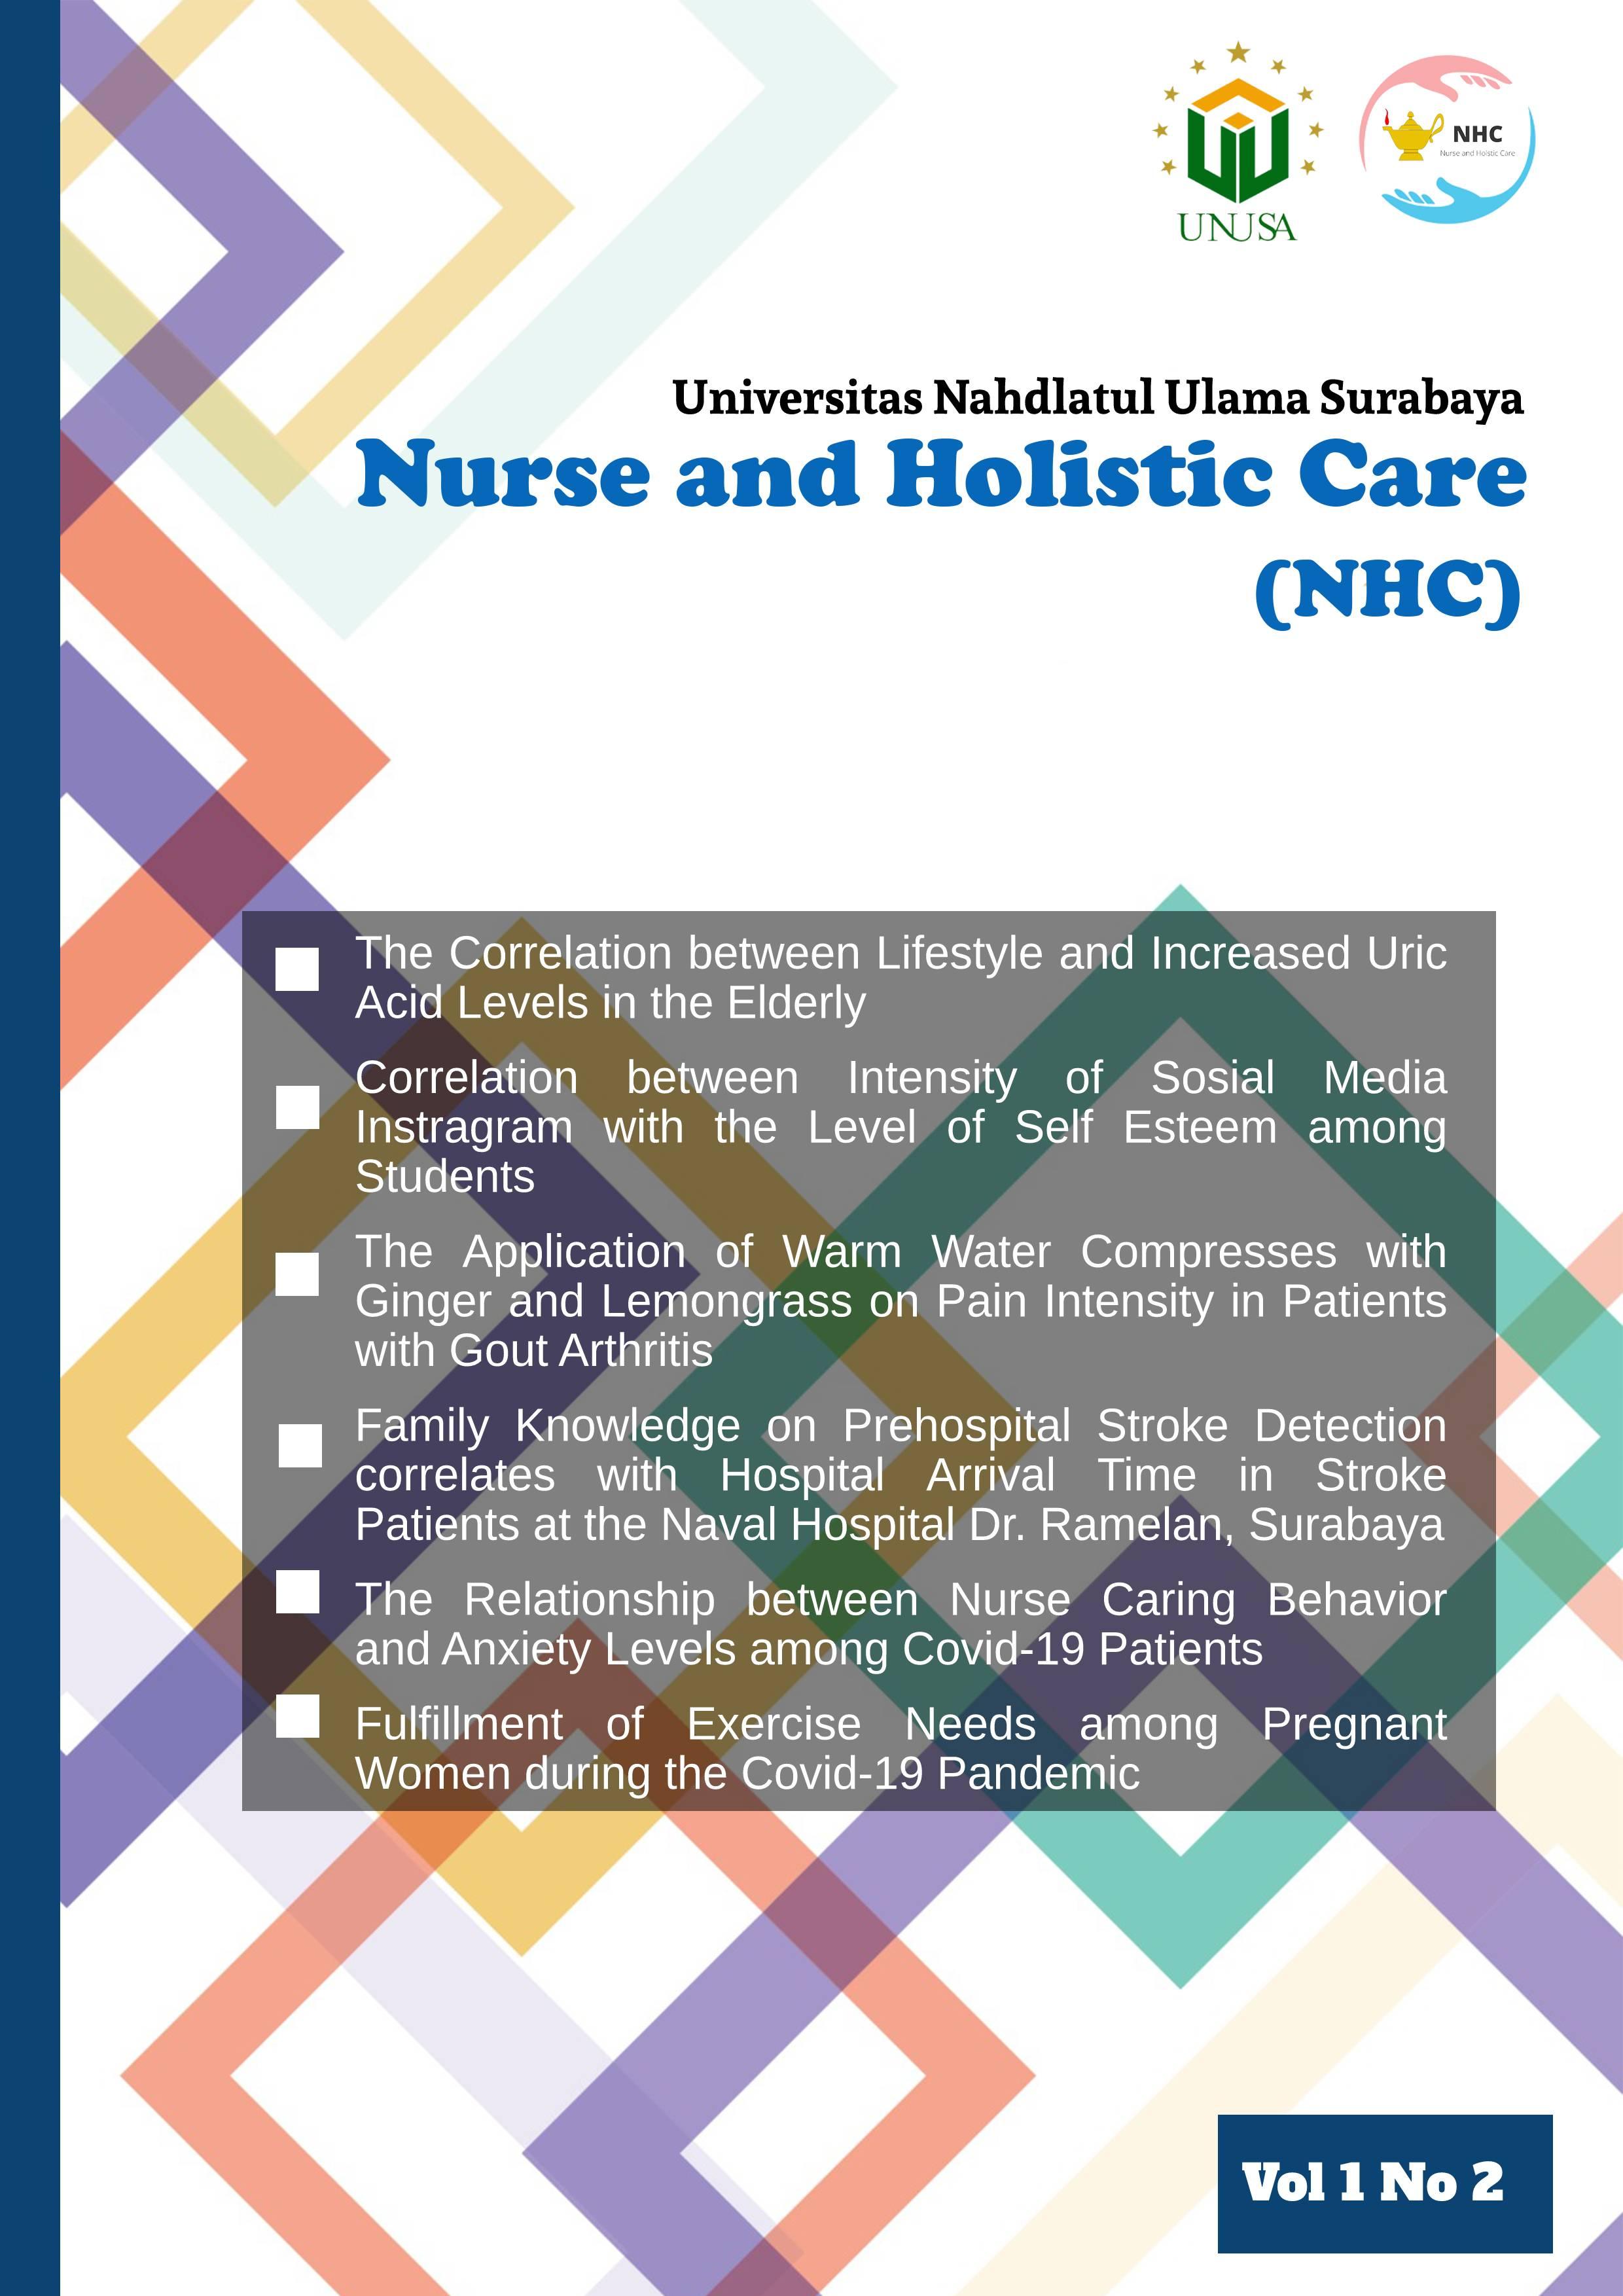 View Vol. 1 No. 2 (2021): Nurse and Holistic Care